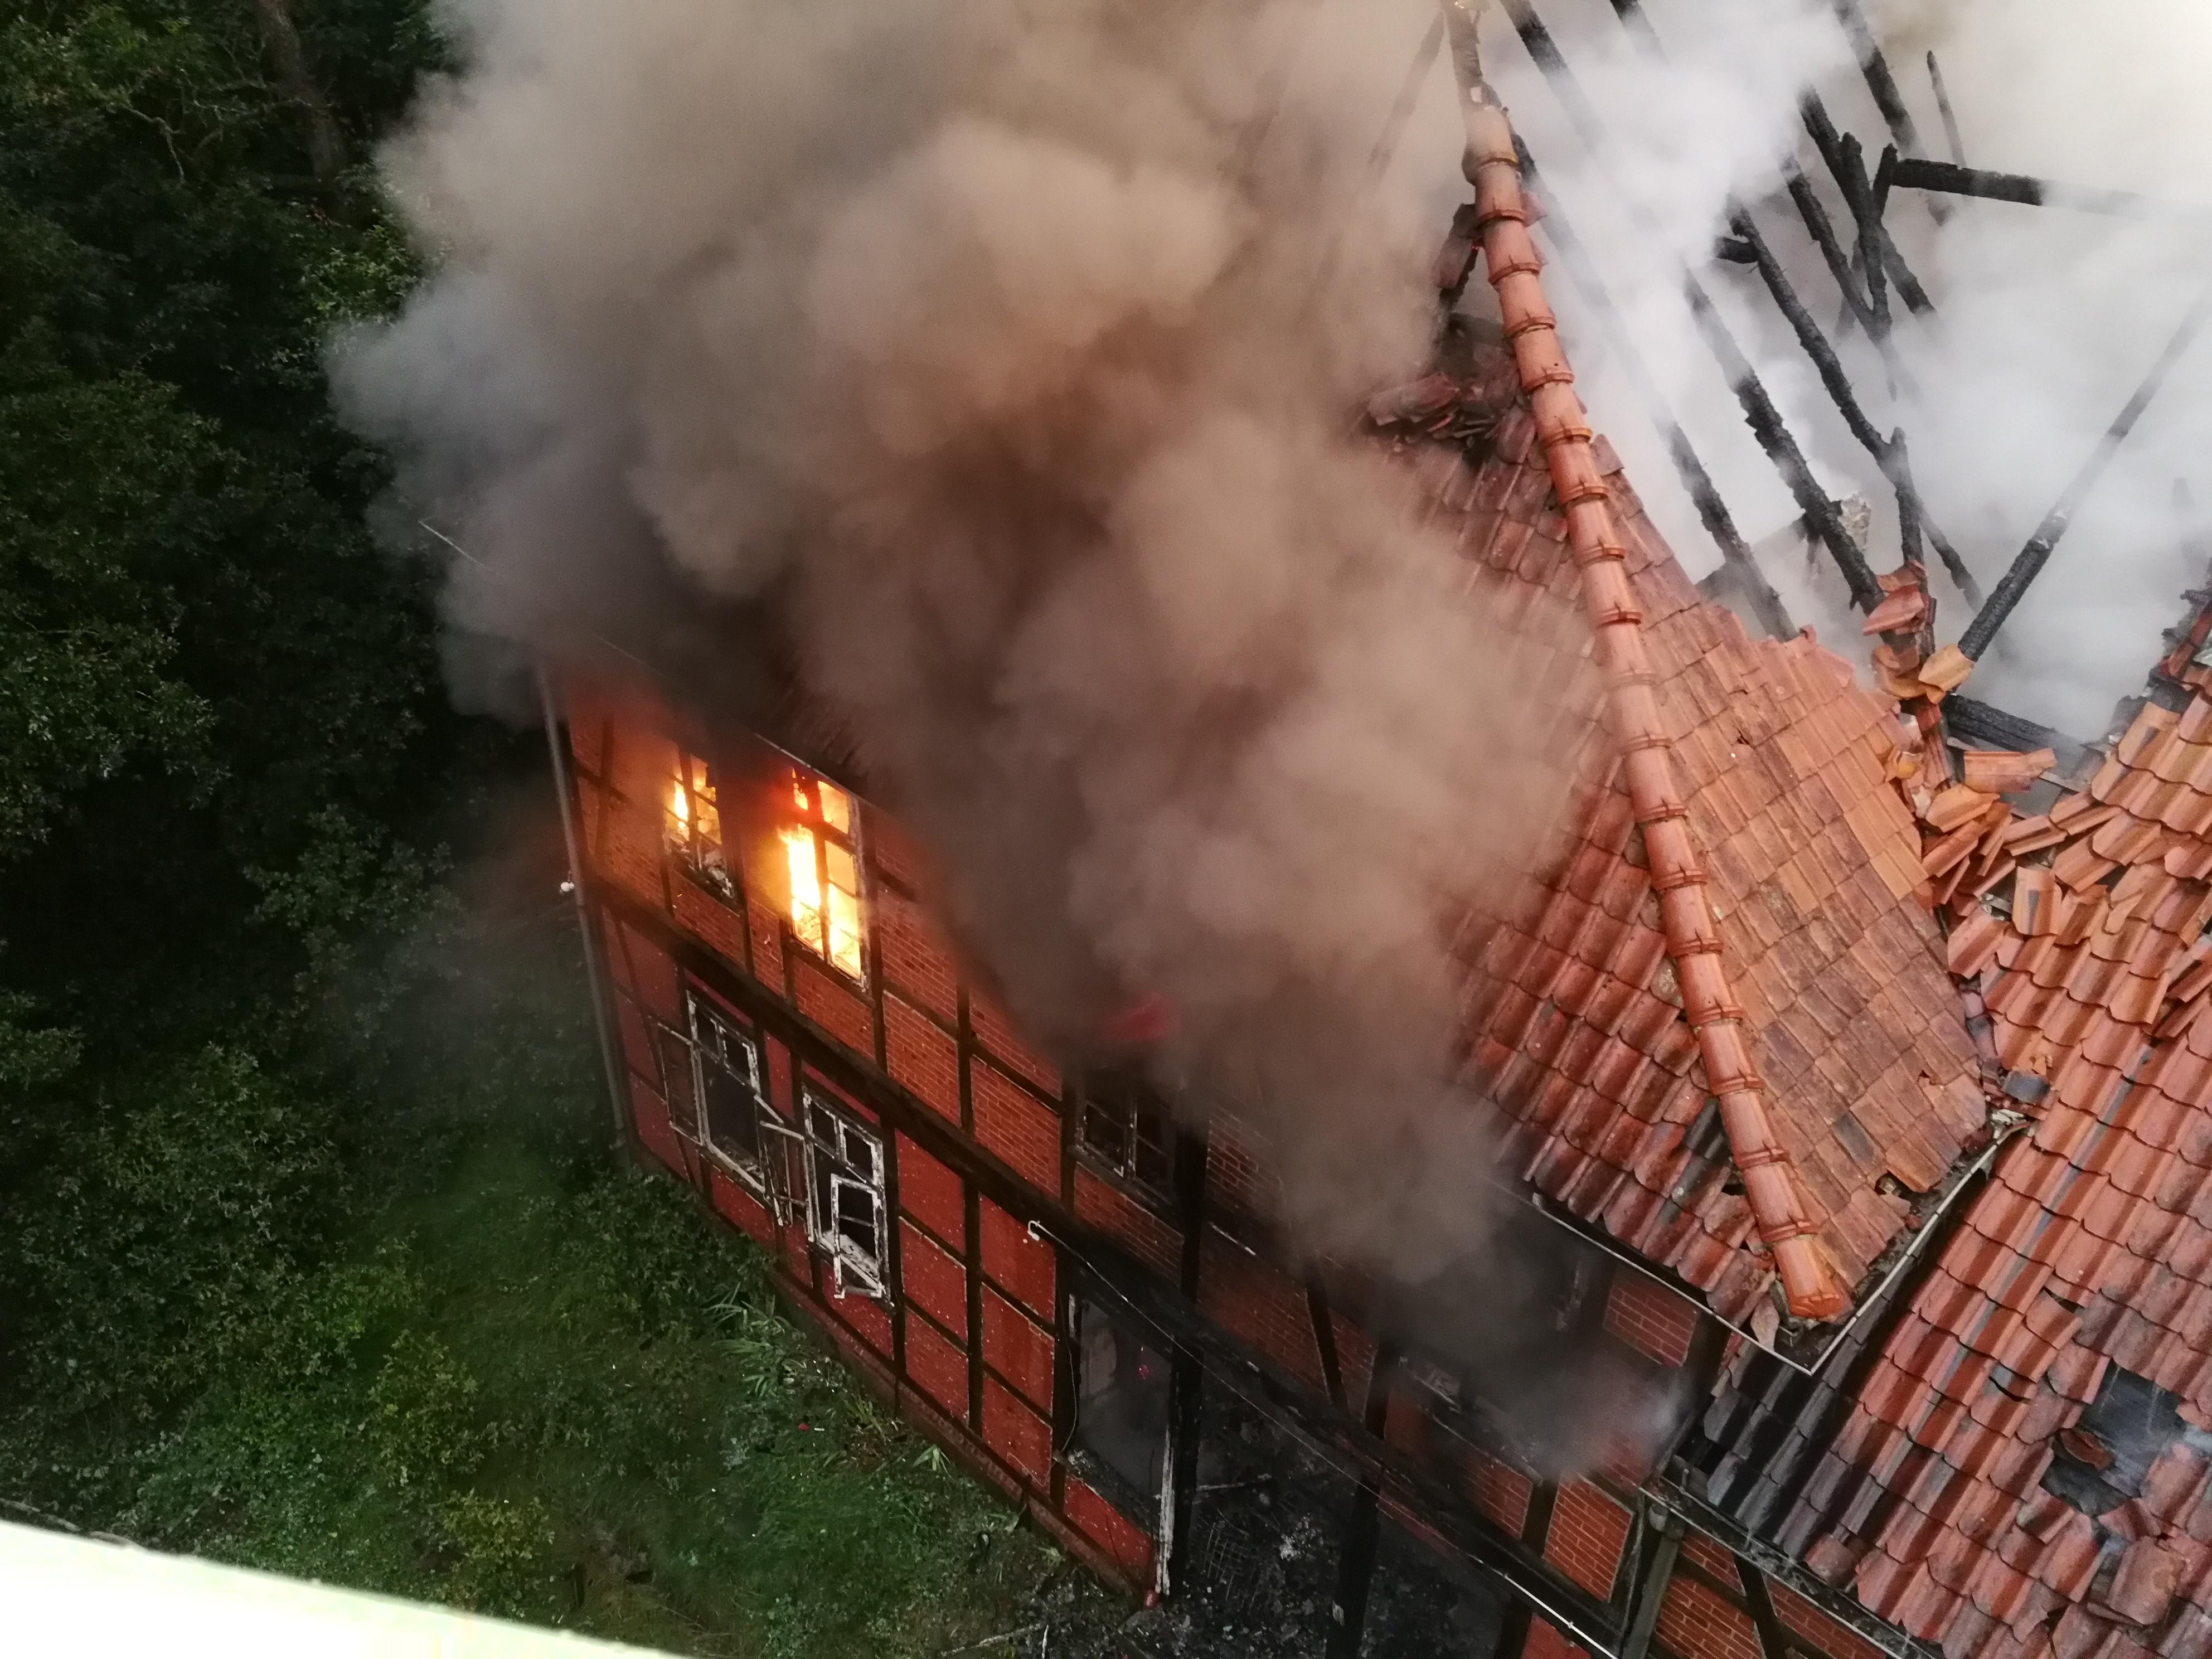 205. F3Y - Brennt Bauernhaus - Menschenleben in Gefahr